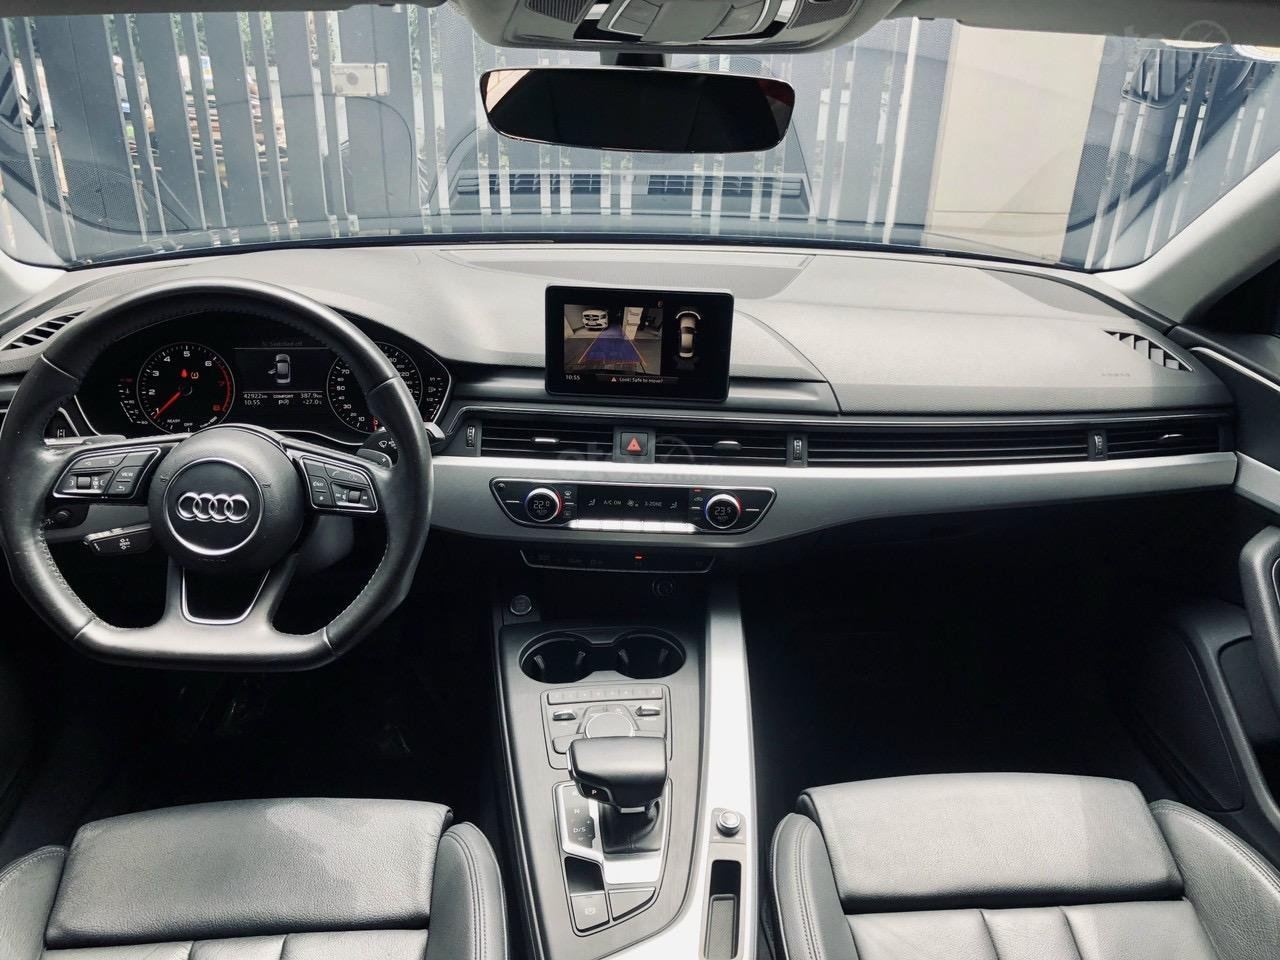 Bán Audi A4 2.0 SX 2016 xe cực mới đi ít giá tốt bao kiểm tra chất lượng xe tại hãng (4)